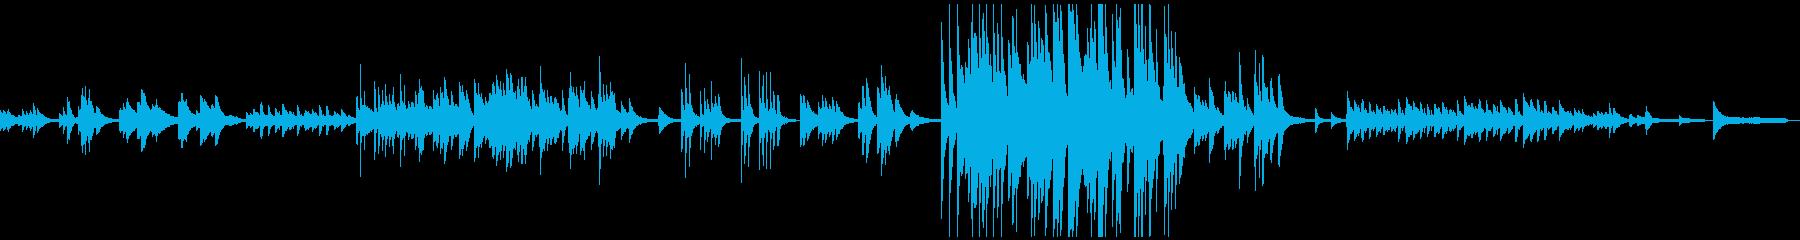 3:04しんみりと暖かく哀しいピアノ曲の再生済みの波形